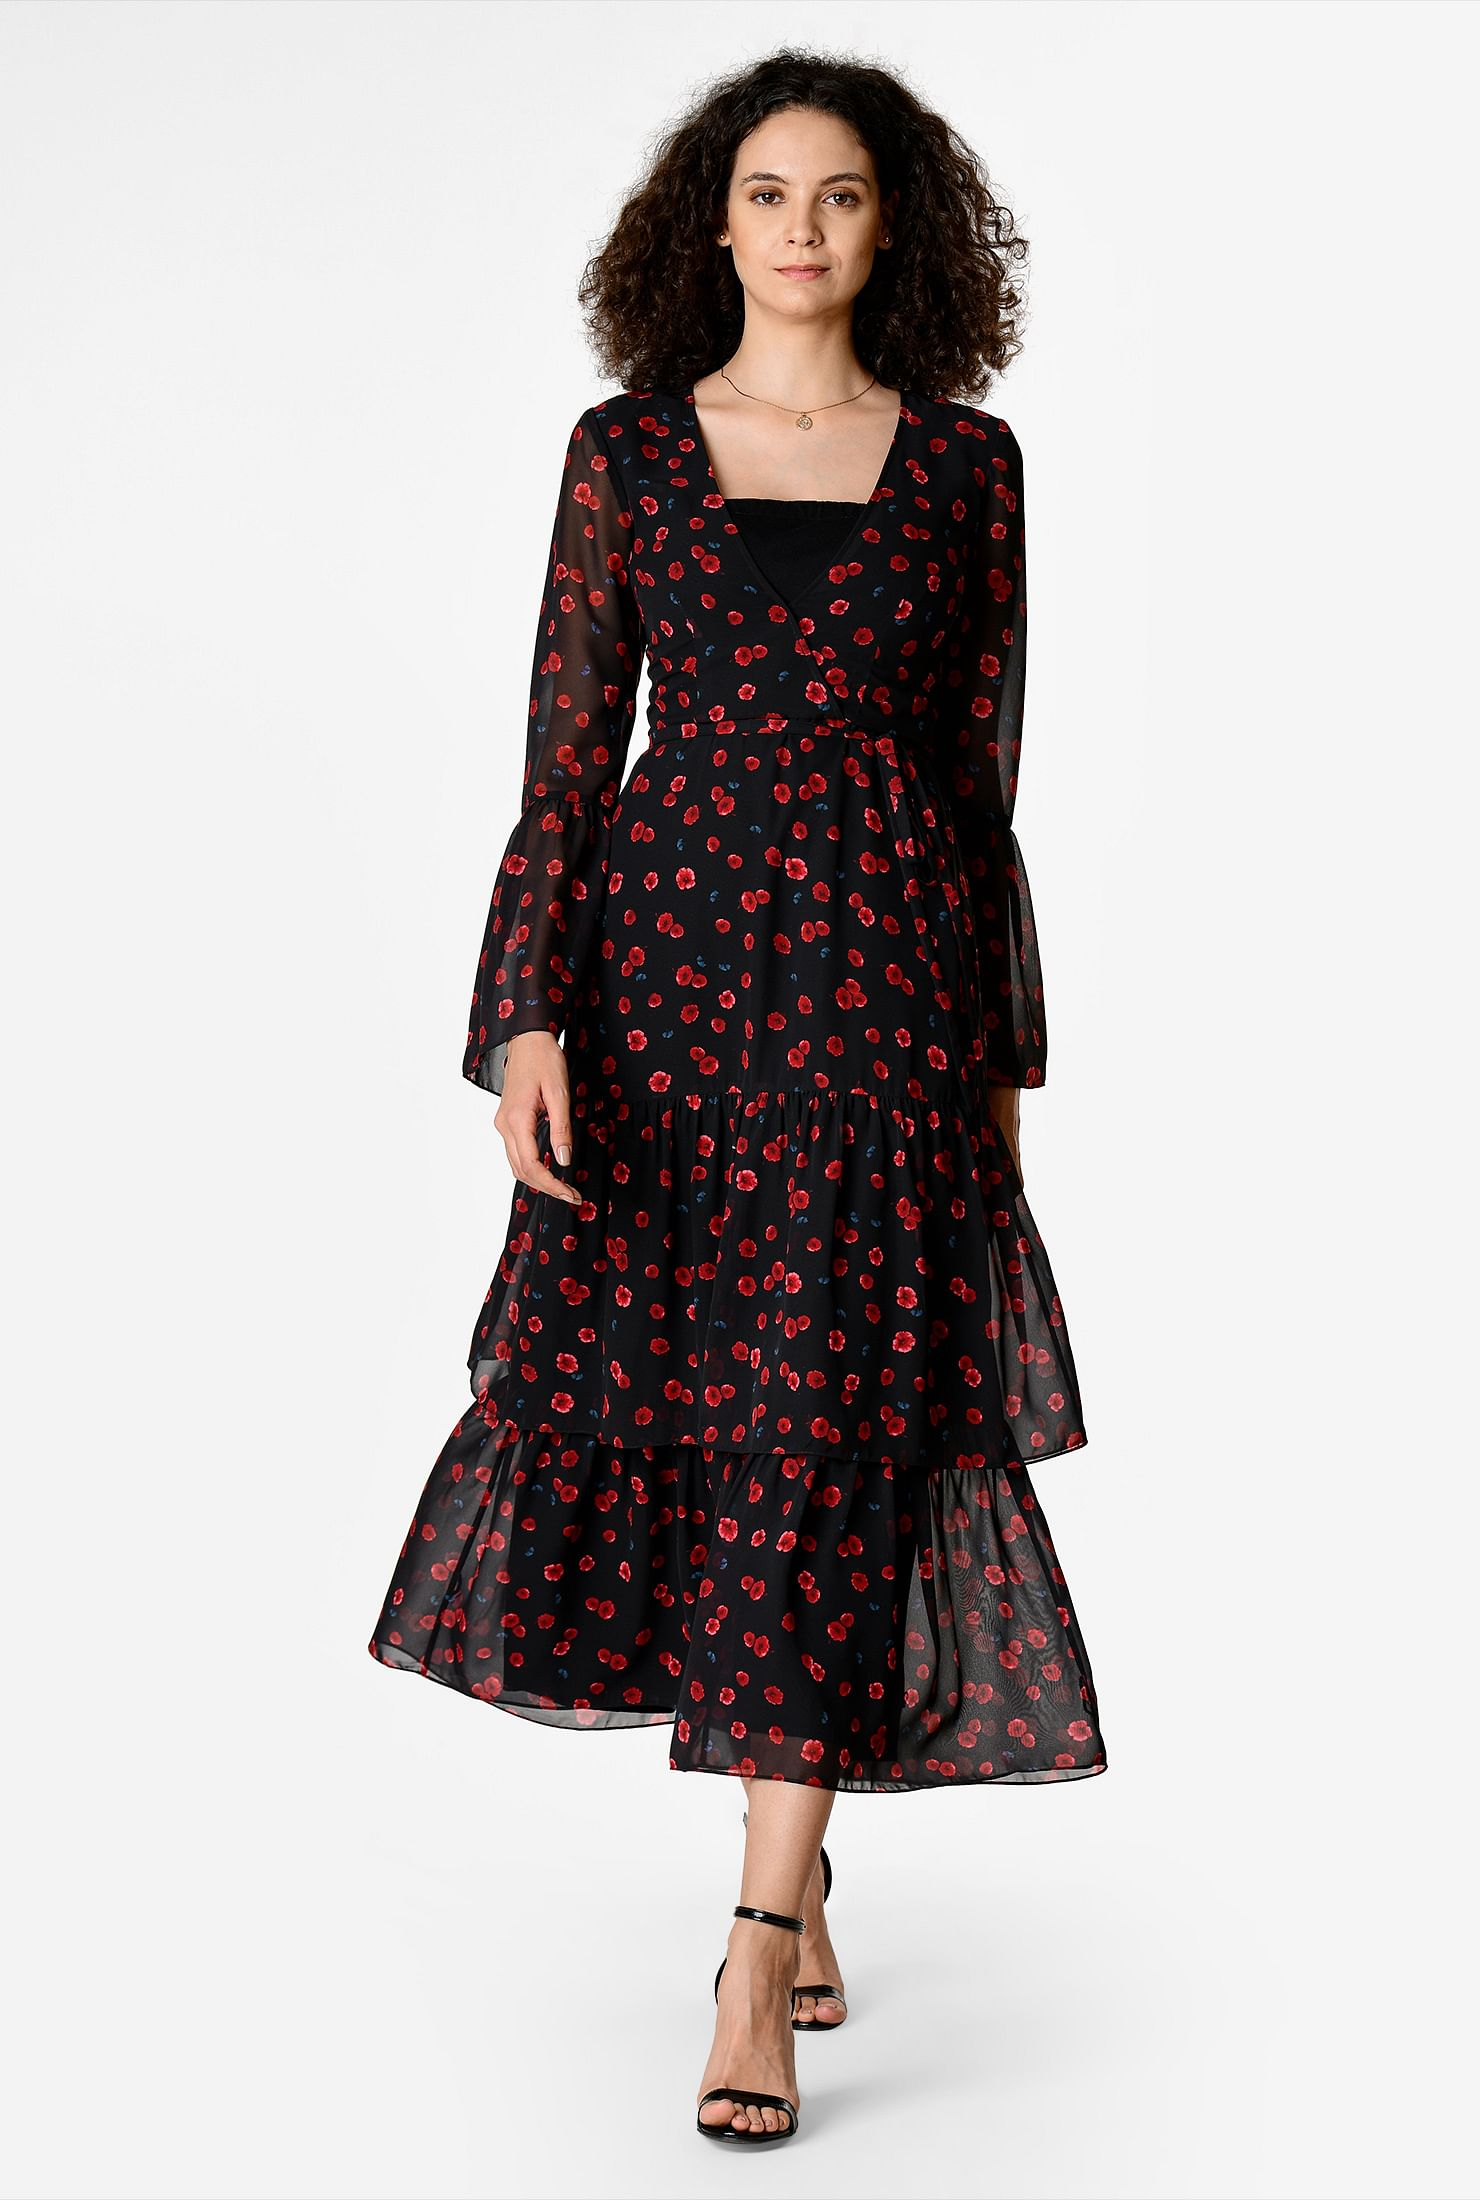 1930s Day Dresses, Afternoon Dresses History Floral print georgette ruched tier dress $74.95 AT vintagedancer.com